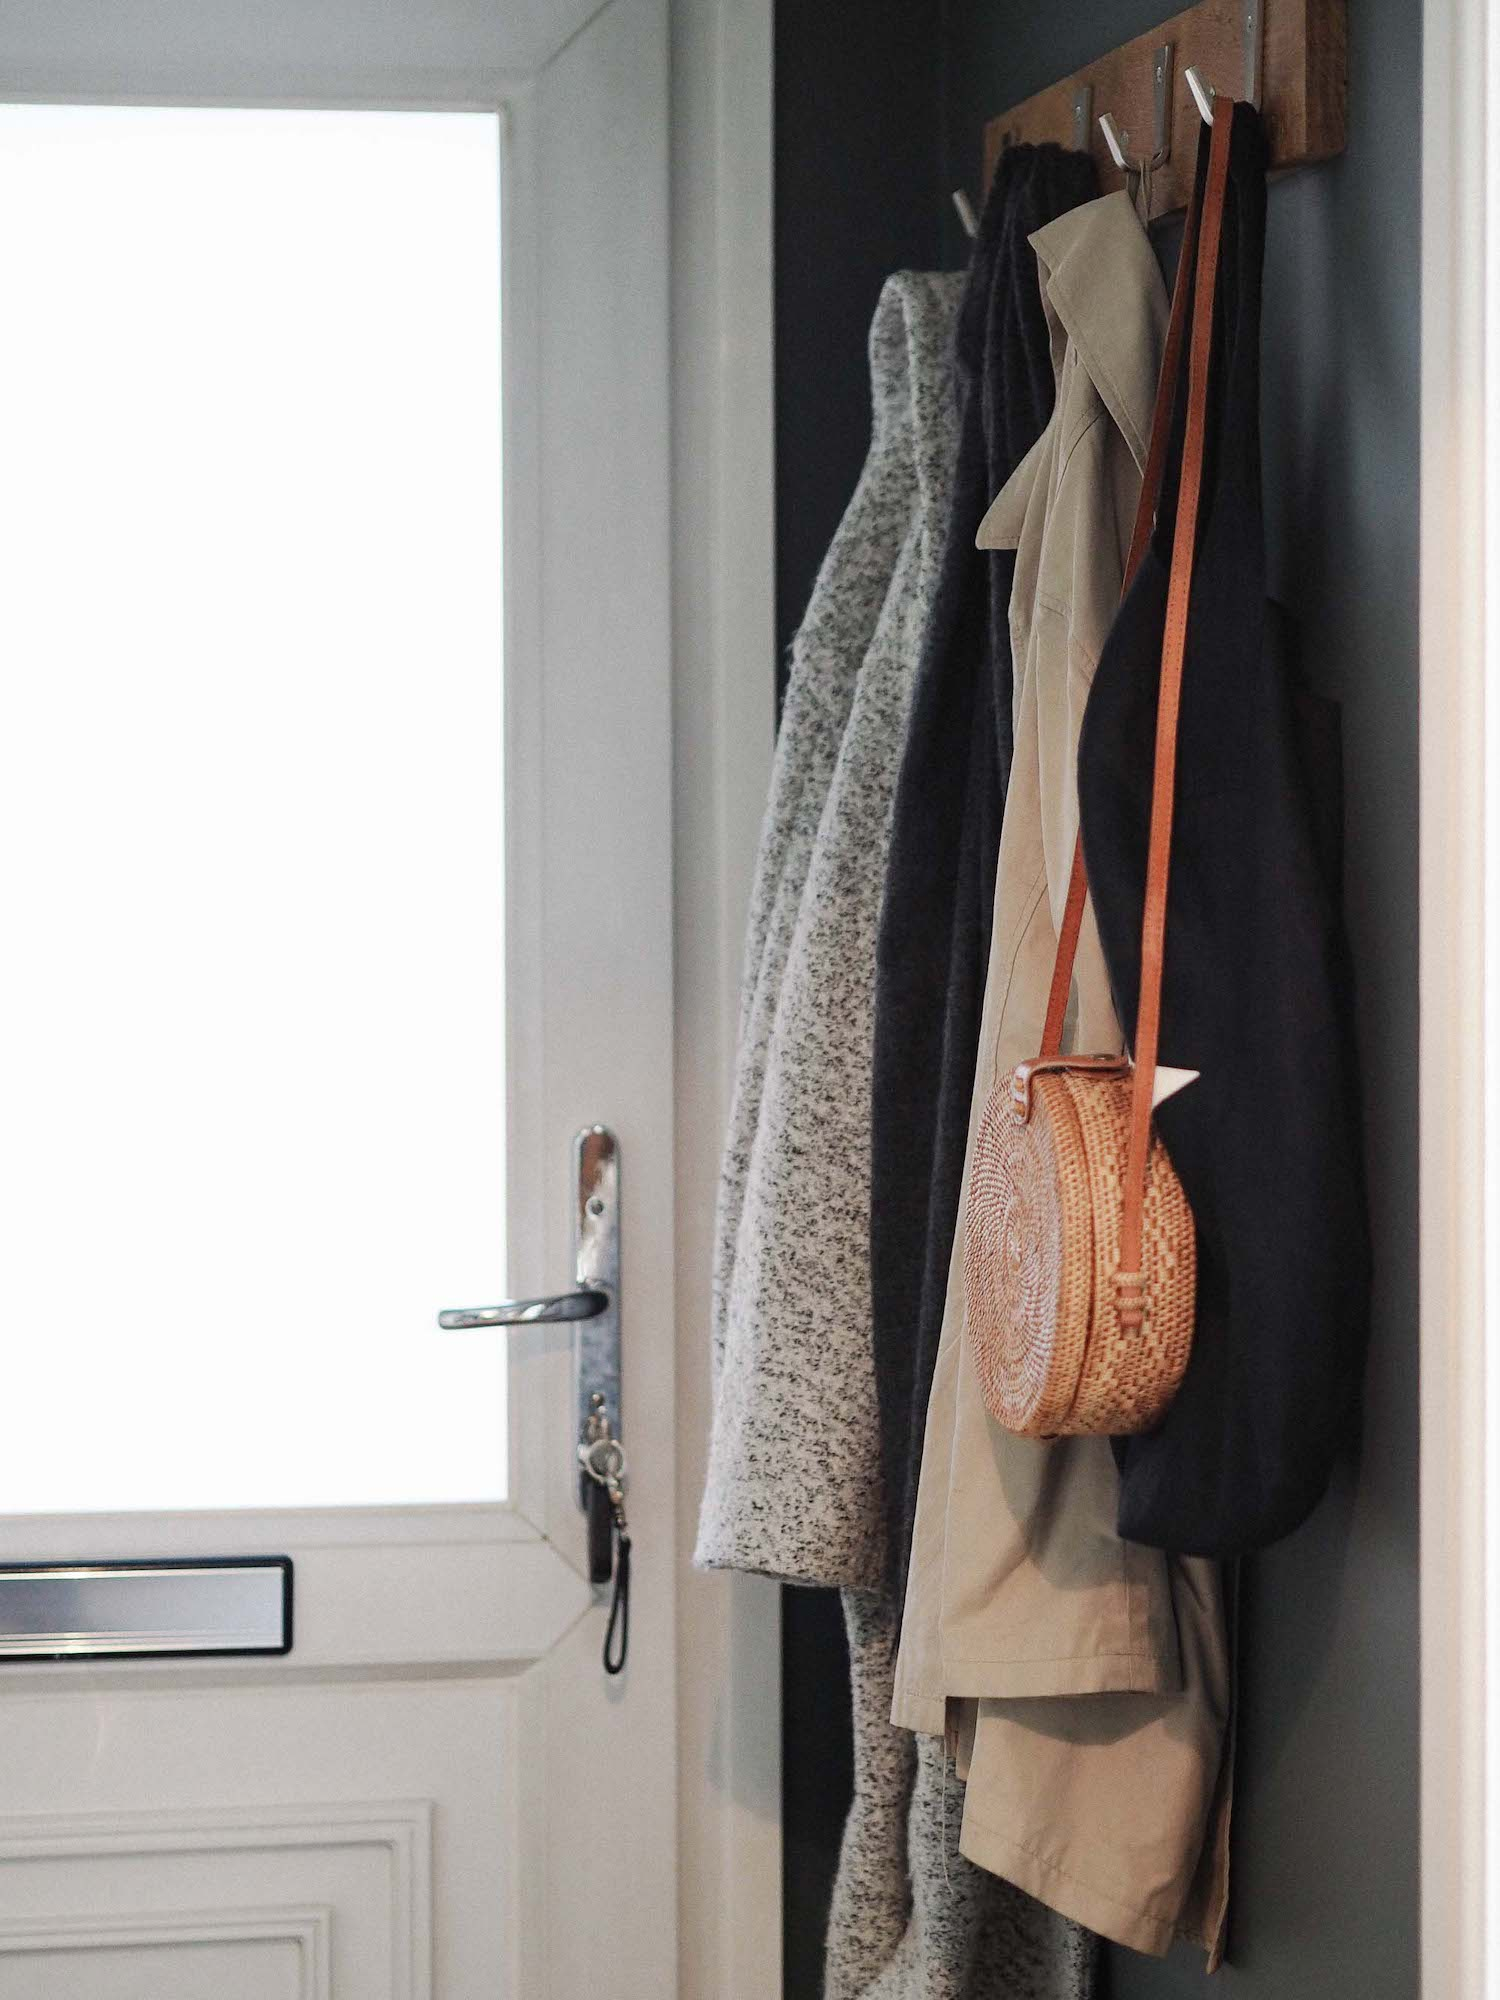 9 coats rack by front door.jpg